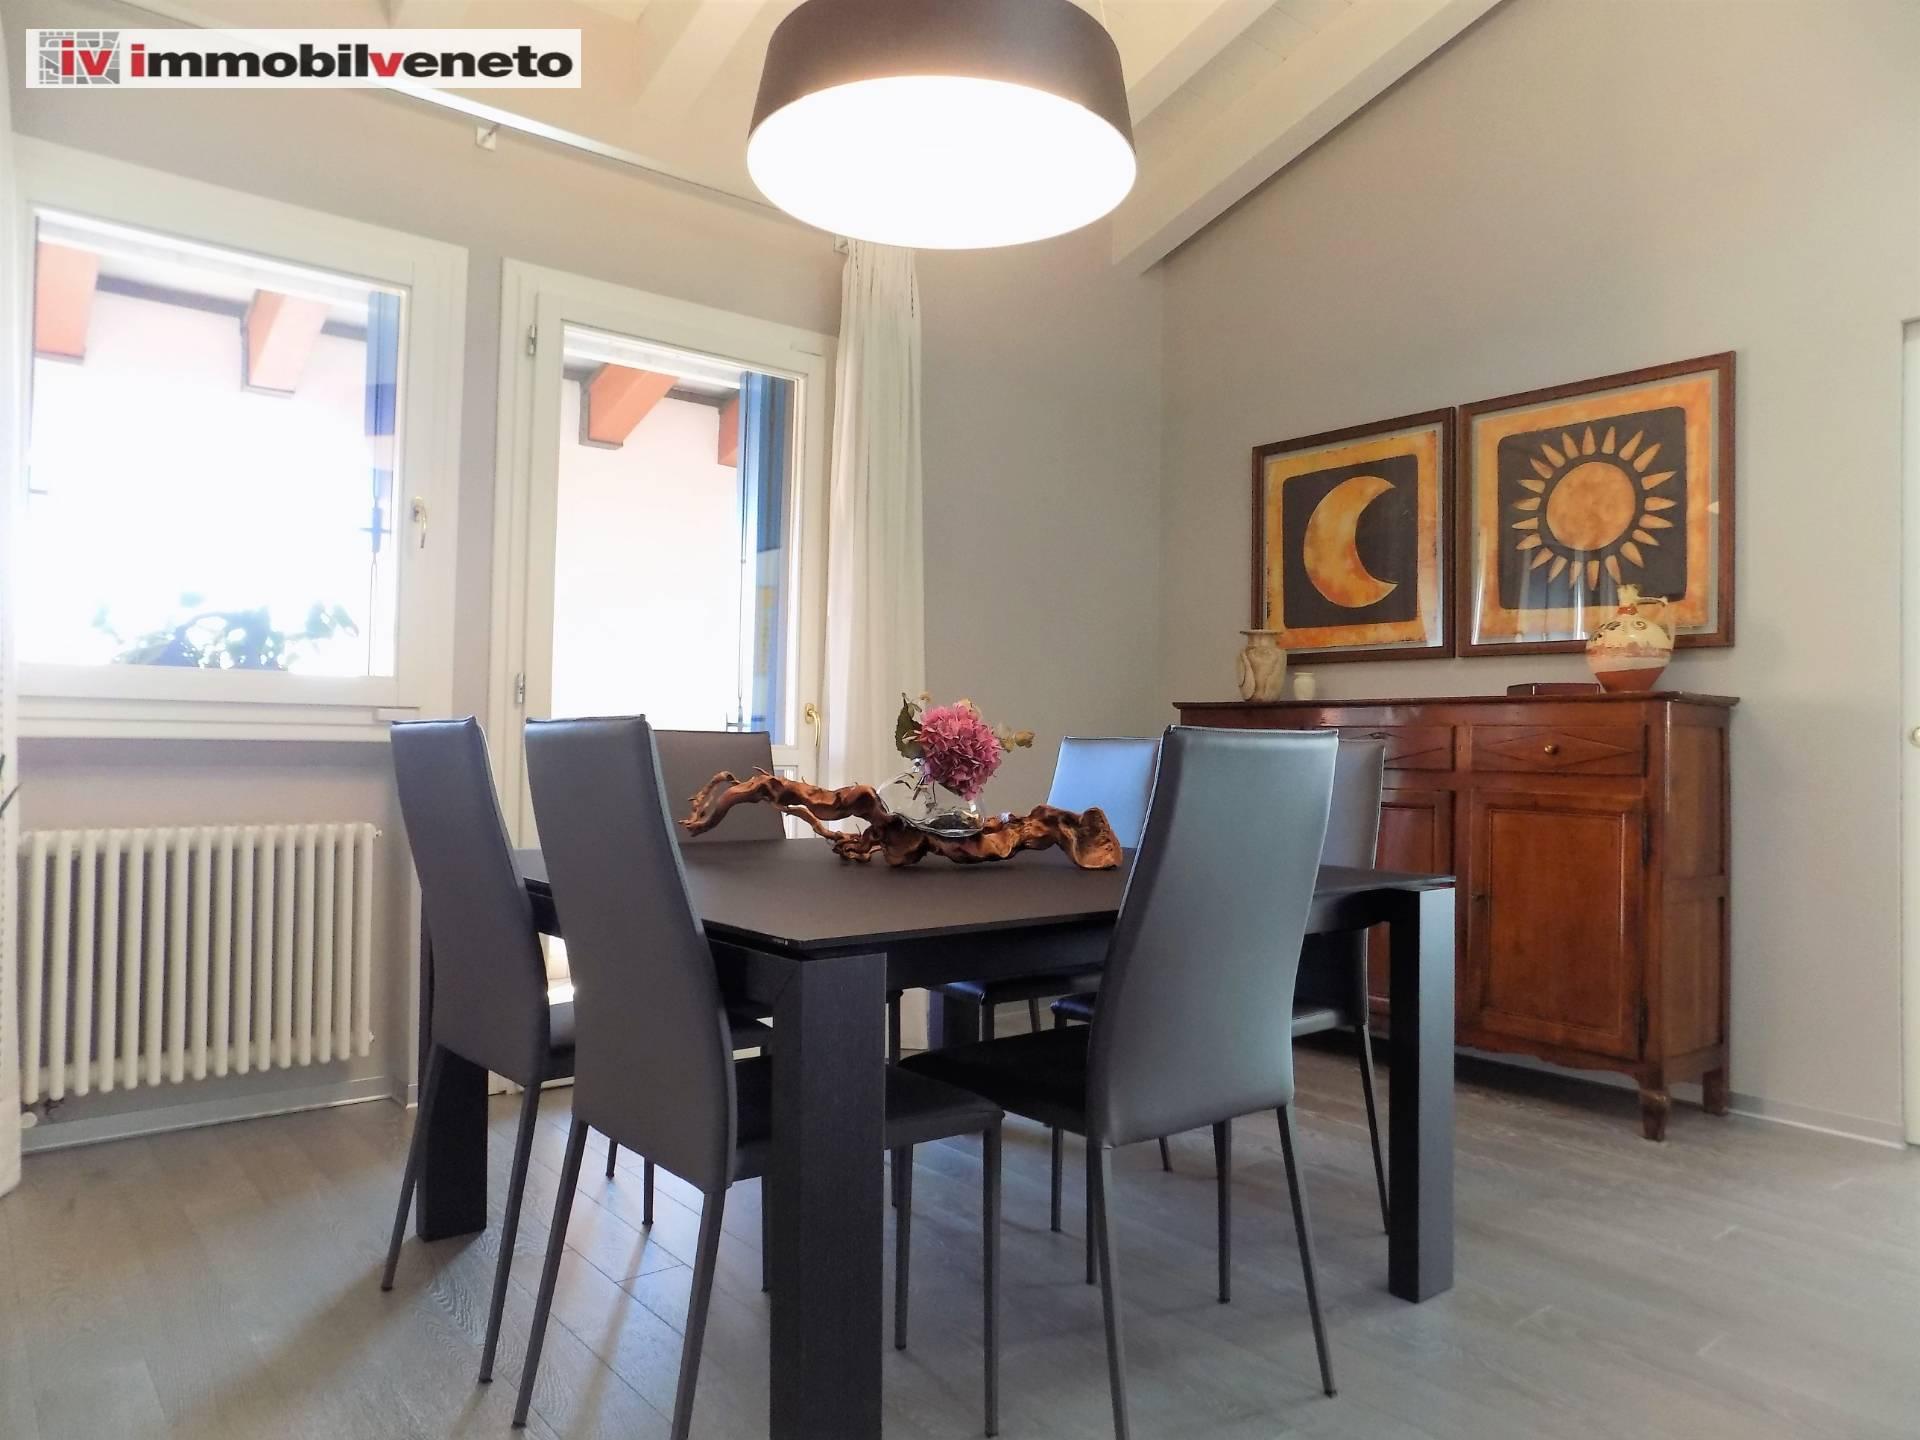 Appartamento in vendita a Lonigo, 7 locali, Trattative riservate   CambioCasa.it